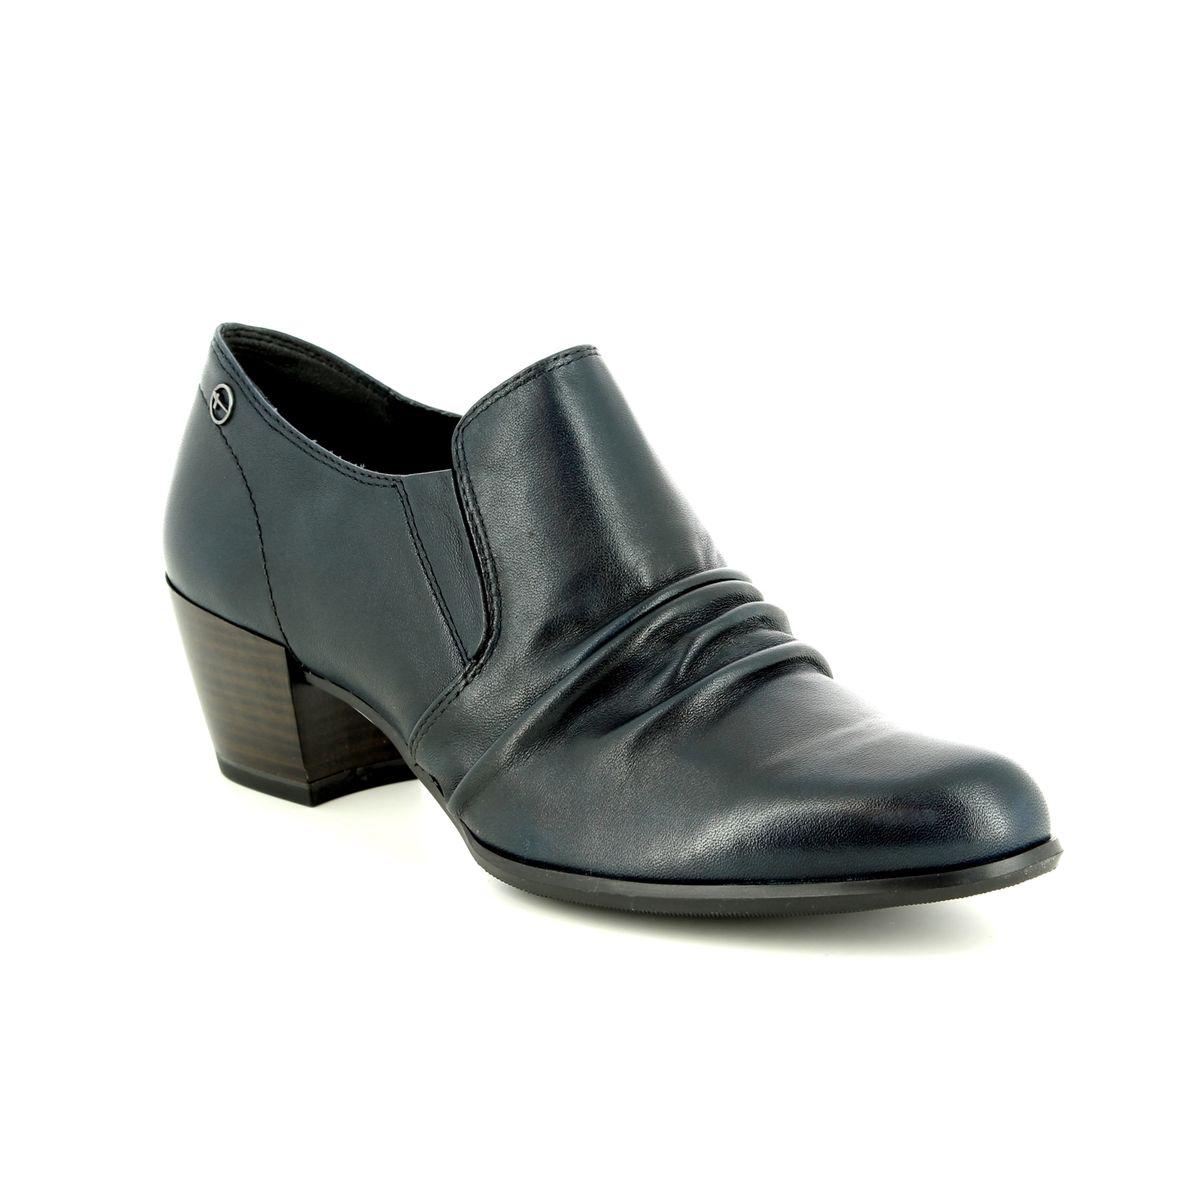 Tamaris Shoe-boots - Navy leather - 24408 21 805 OCIMUM 2d77c8f85c